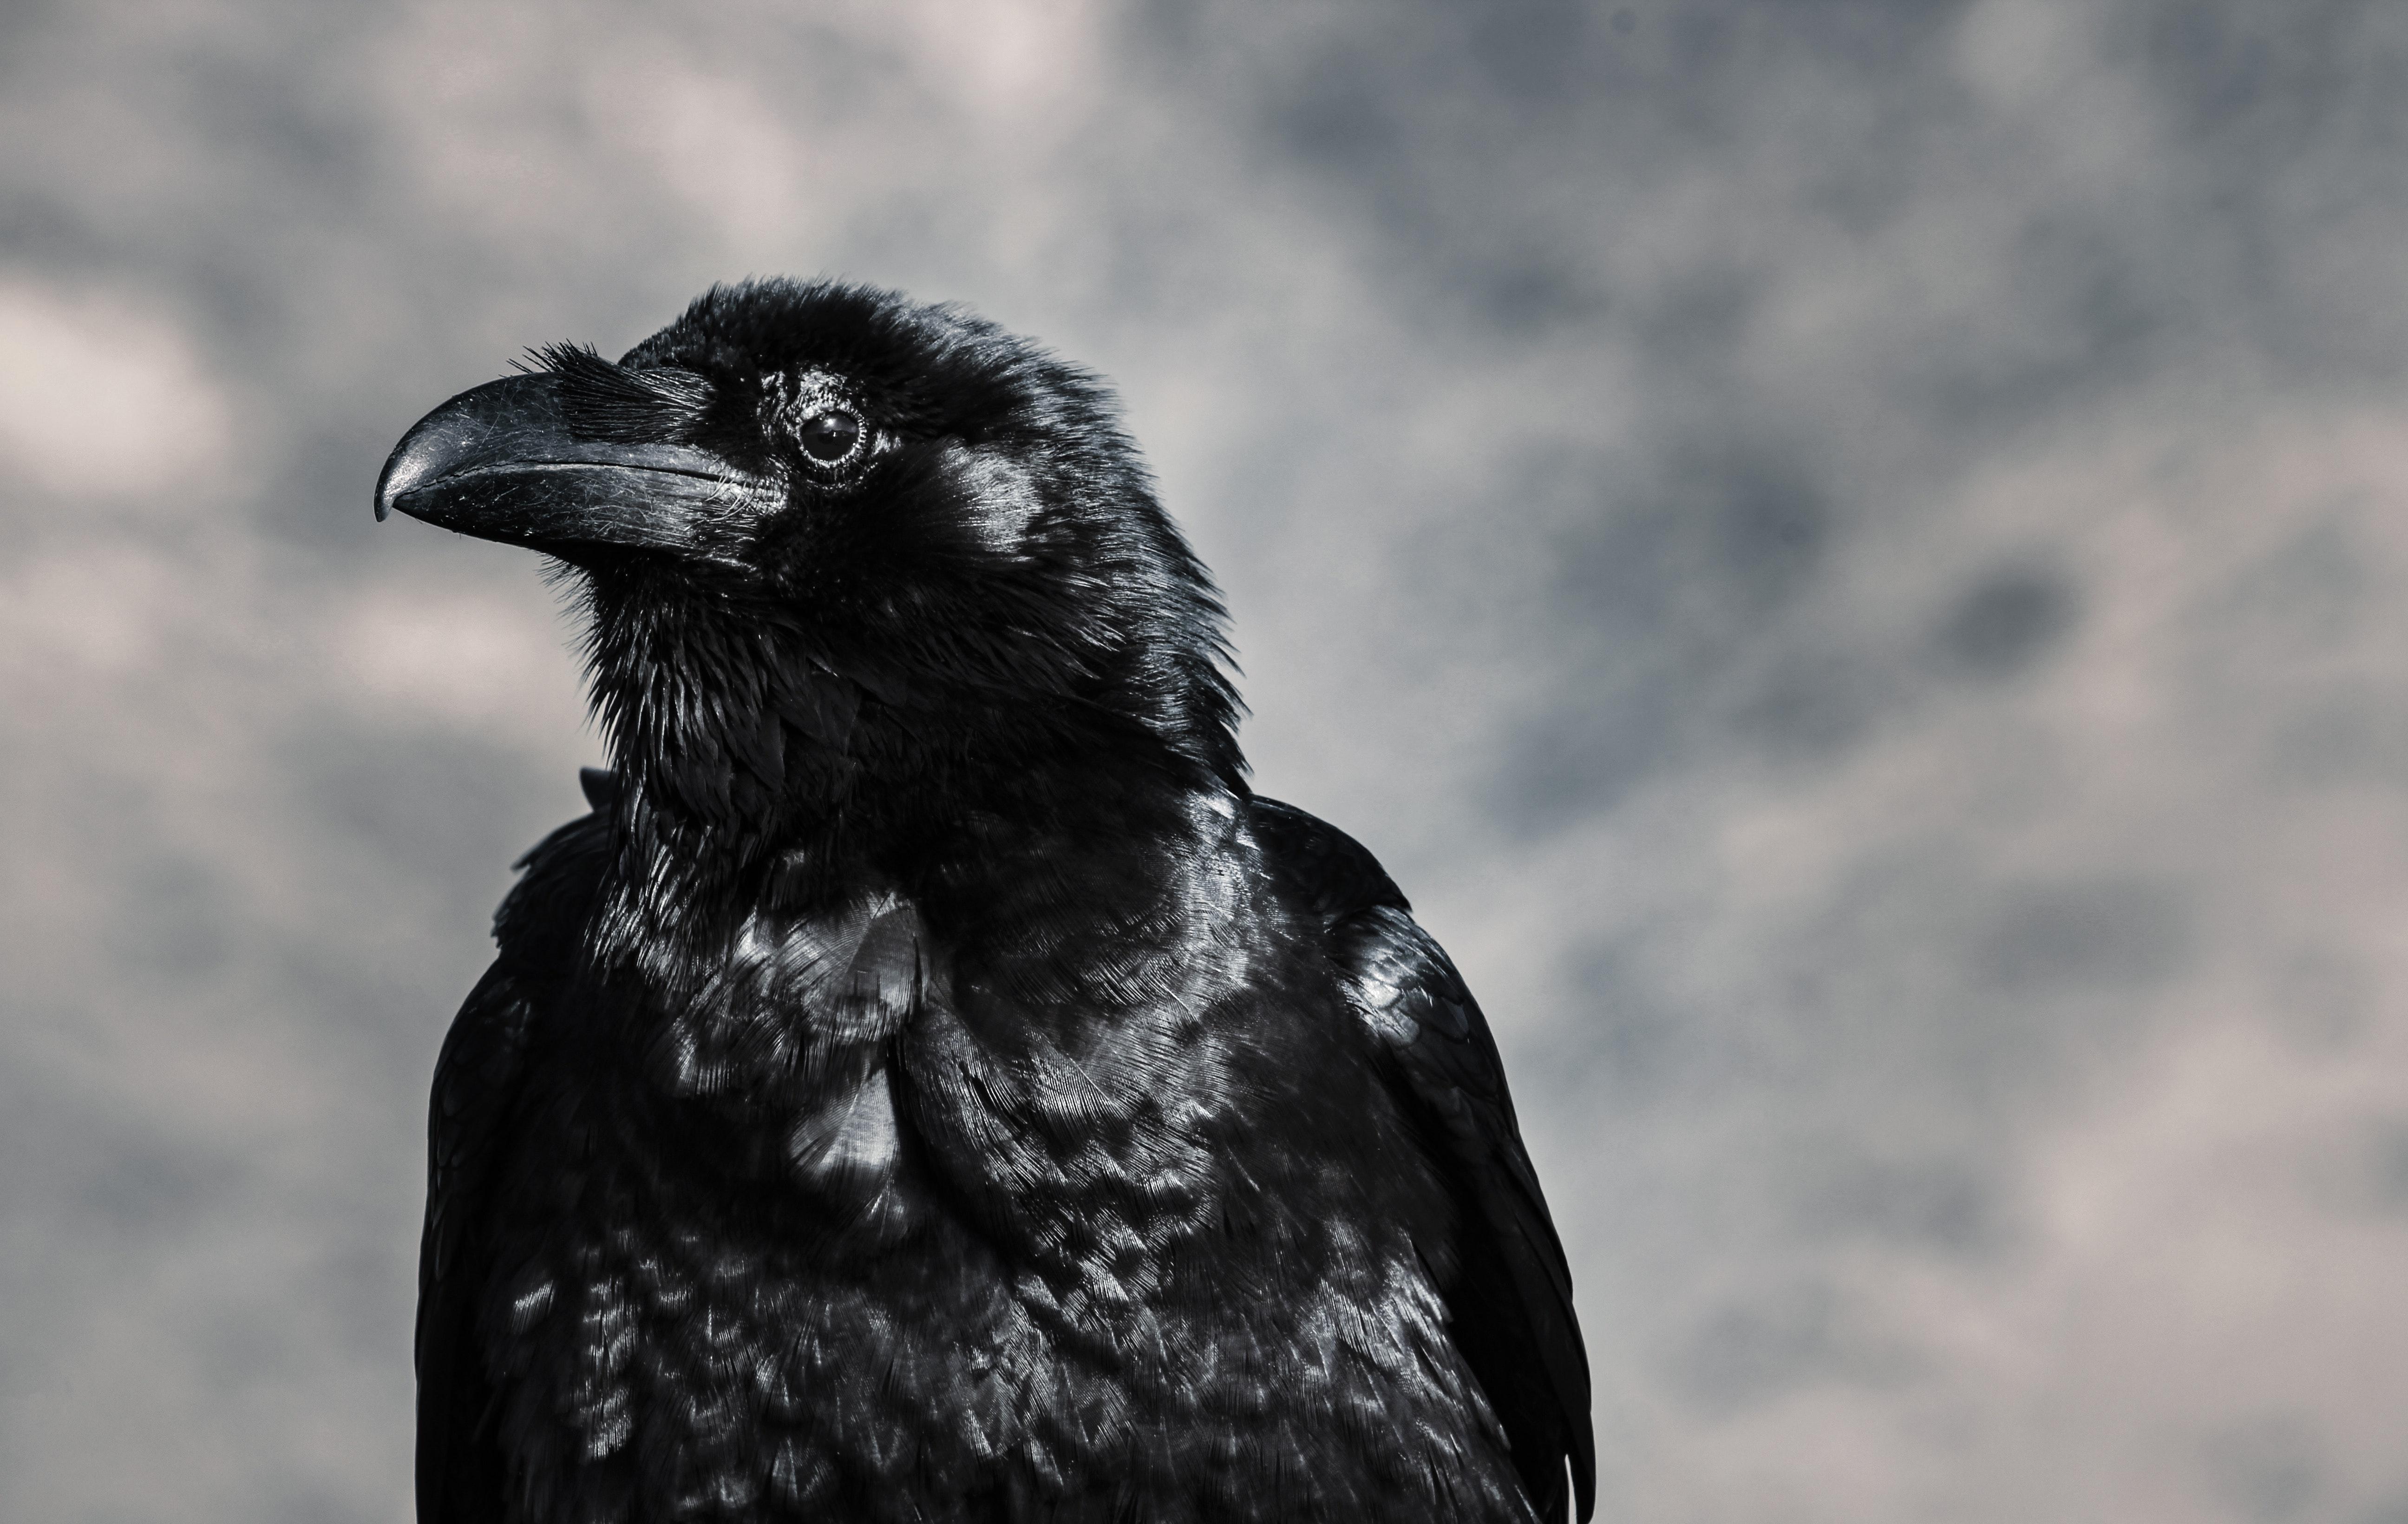 Close up photograph of a black bird